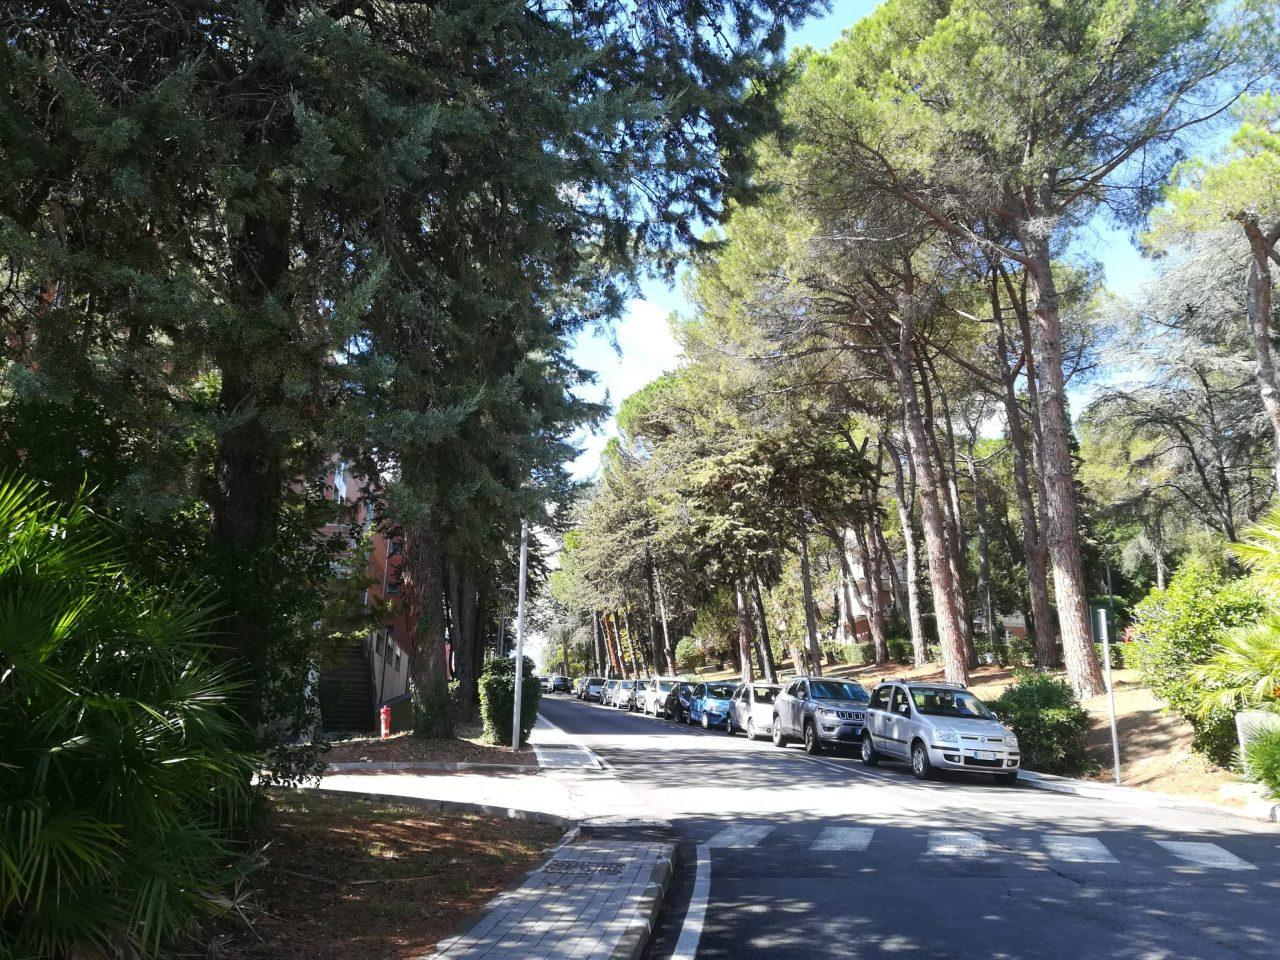 incidente ospedale carlo urbani murri jesi (5)